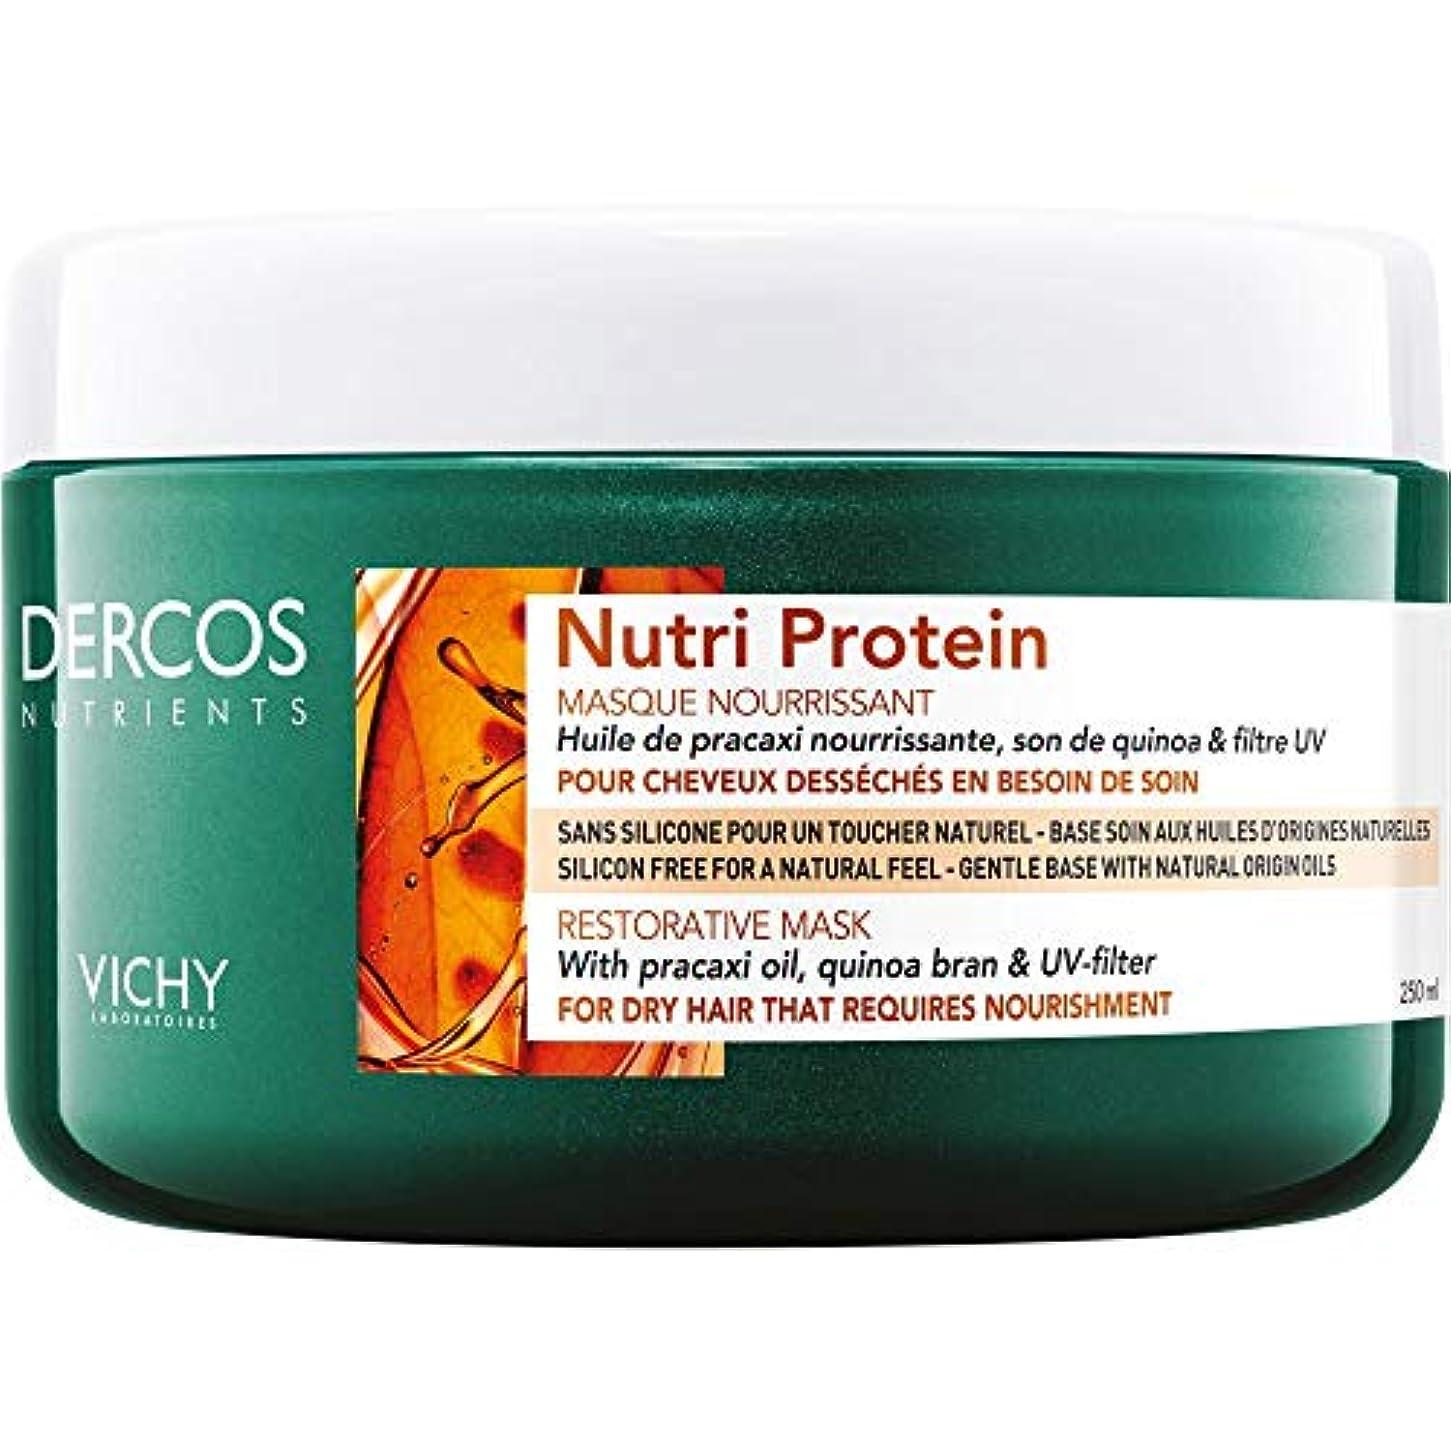 最初に致命的な手首[Vichy] ヴィシーDercos栄養素ニュートリプロテイン修復マスク250ミリリットル - Vichy Dercos Nutrients Nutri Protein Restorative Mask 250ml [並行輸入品]